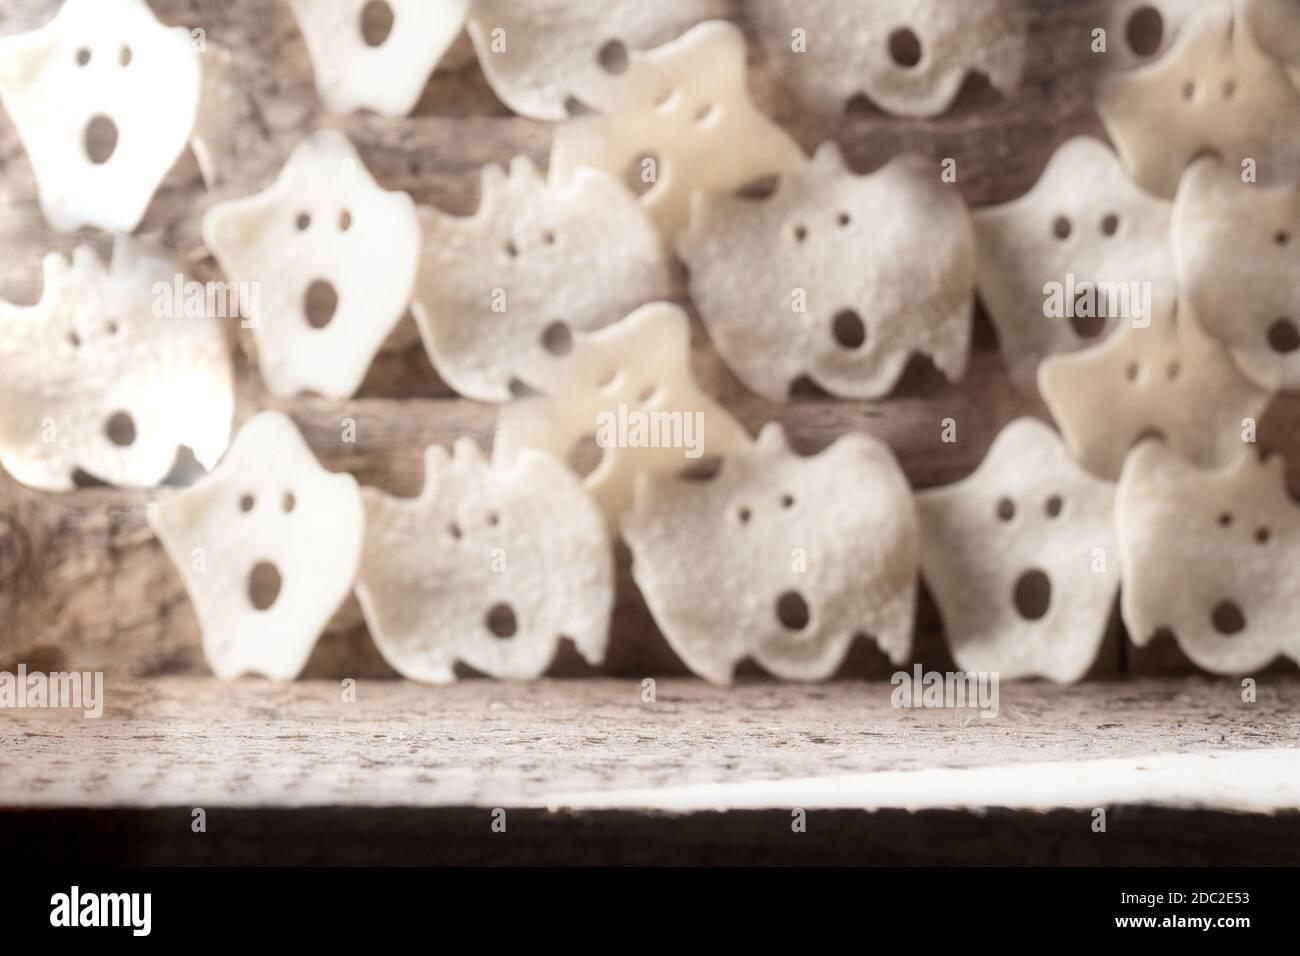 Grupo de varios fantasmas terroríficos, Halloween fondo moderno diseño de madera, octubre horror estilo retro Foto de stock